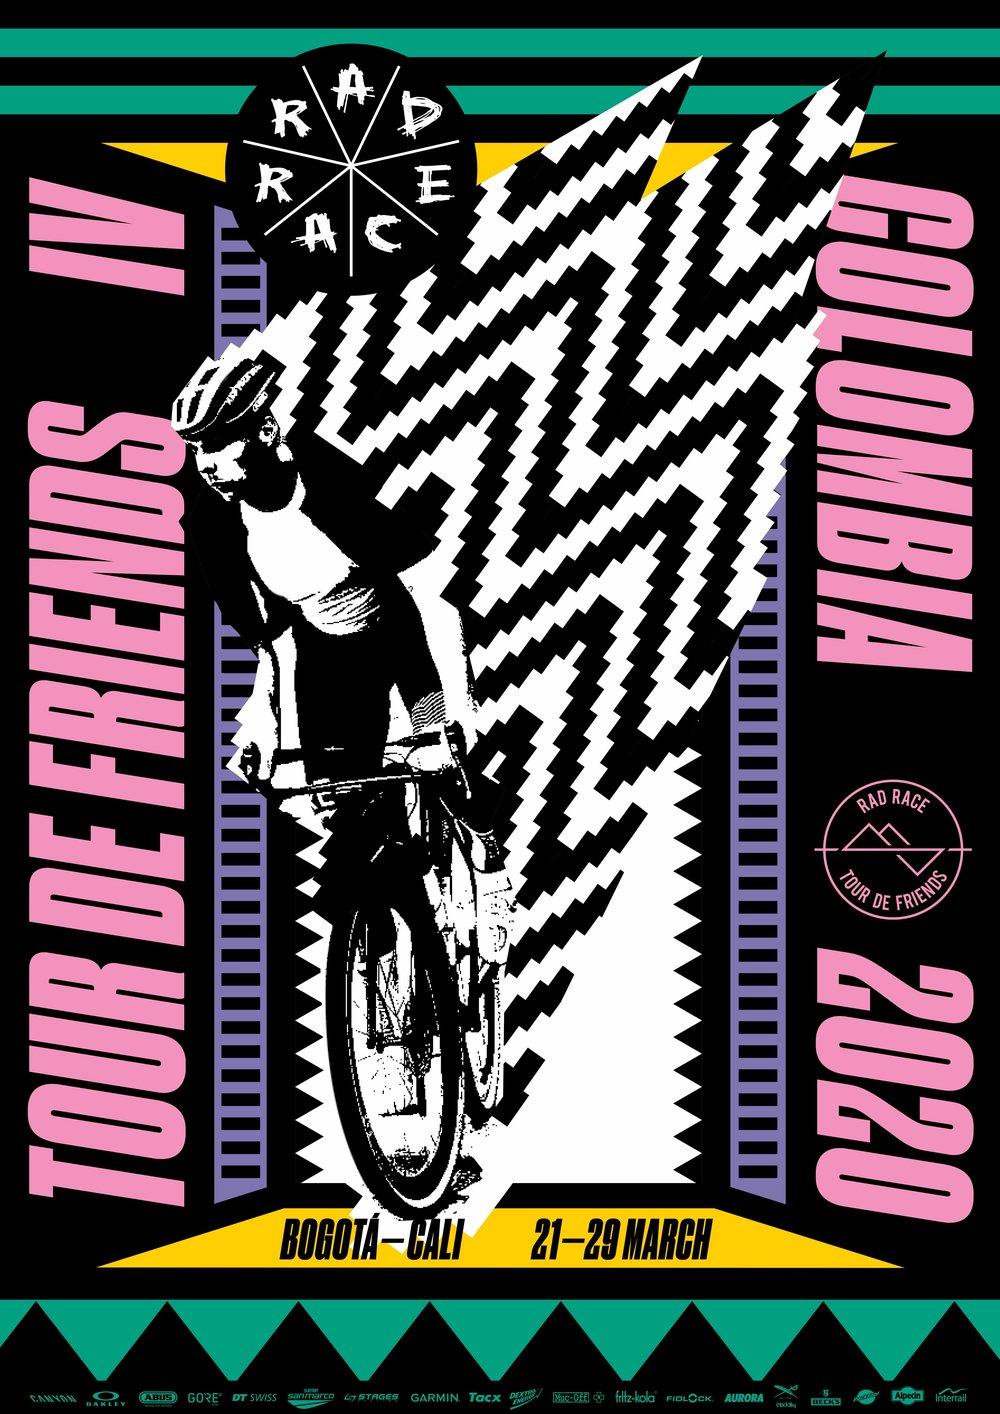 RAD RACE tour de friends official poster